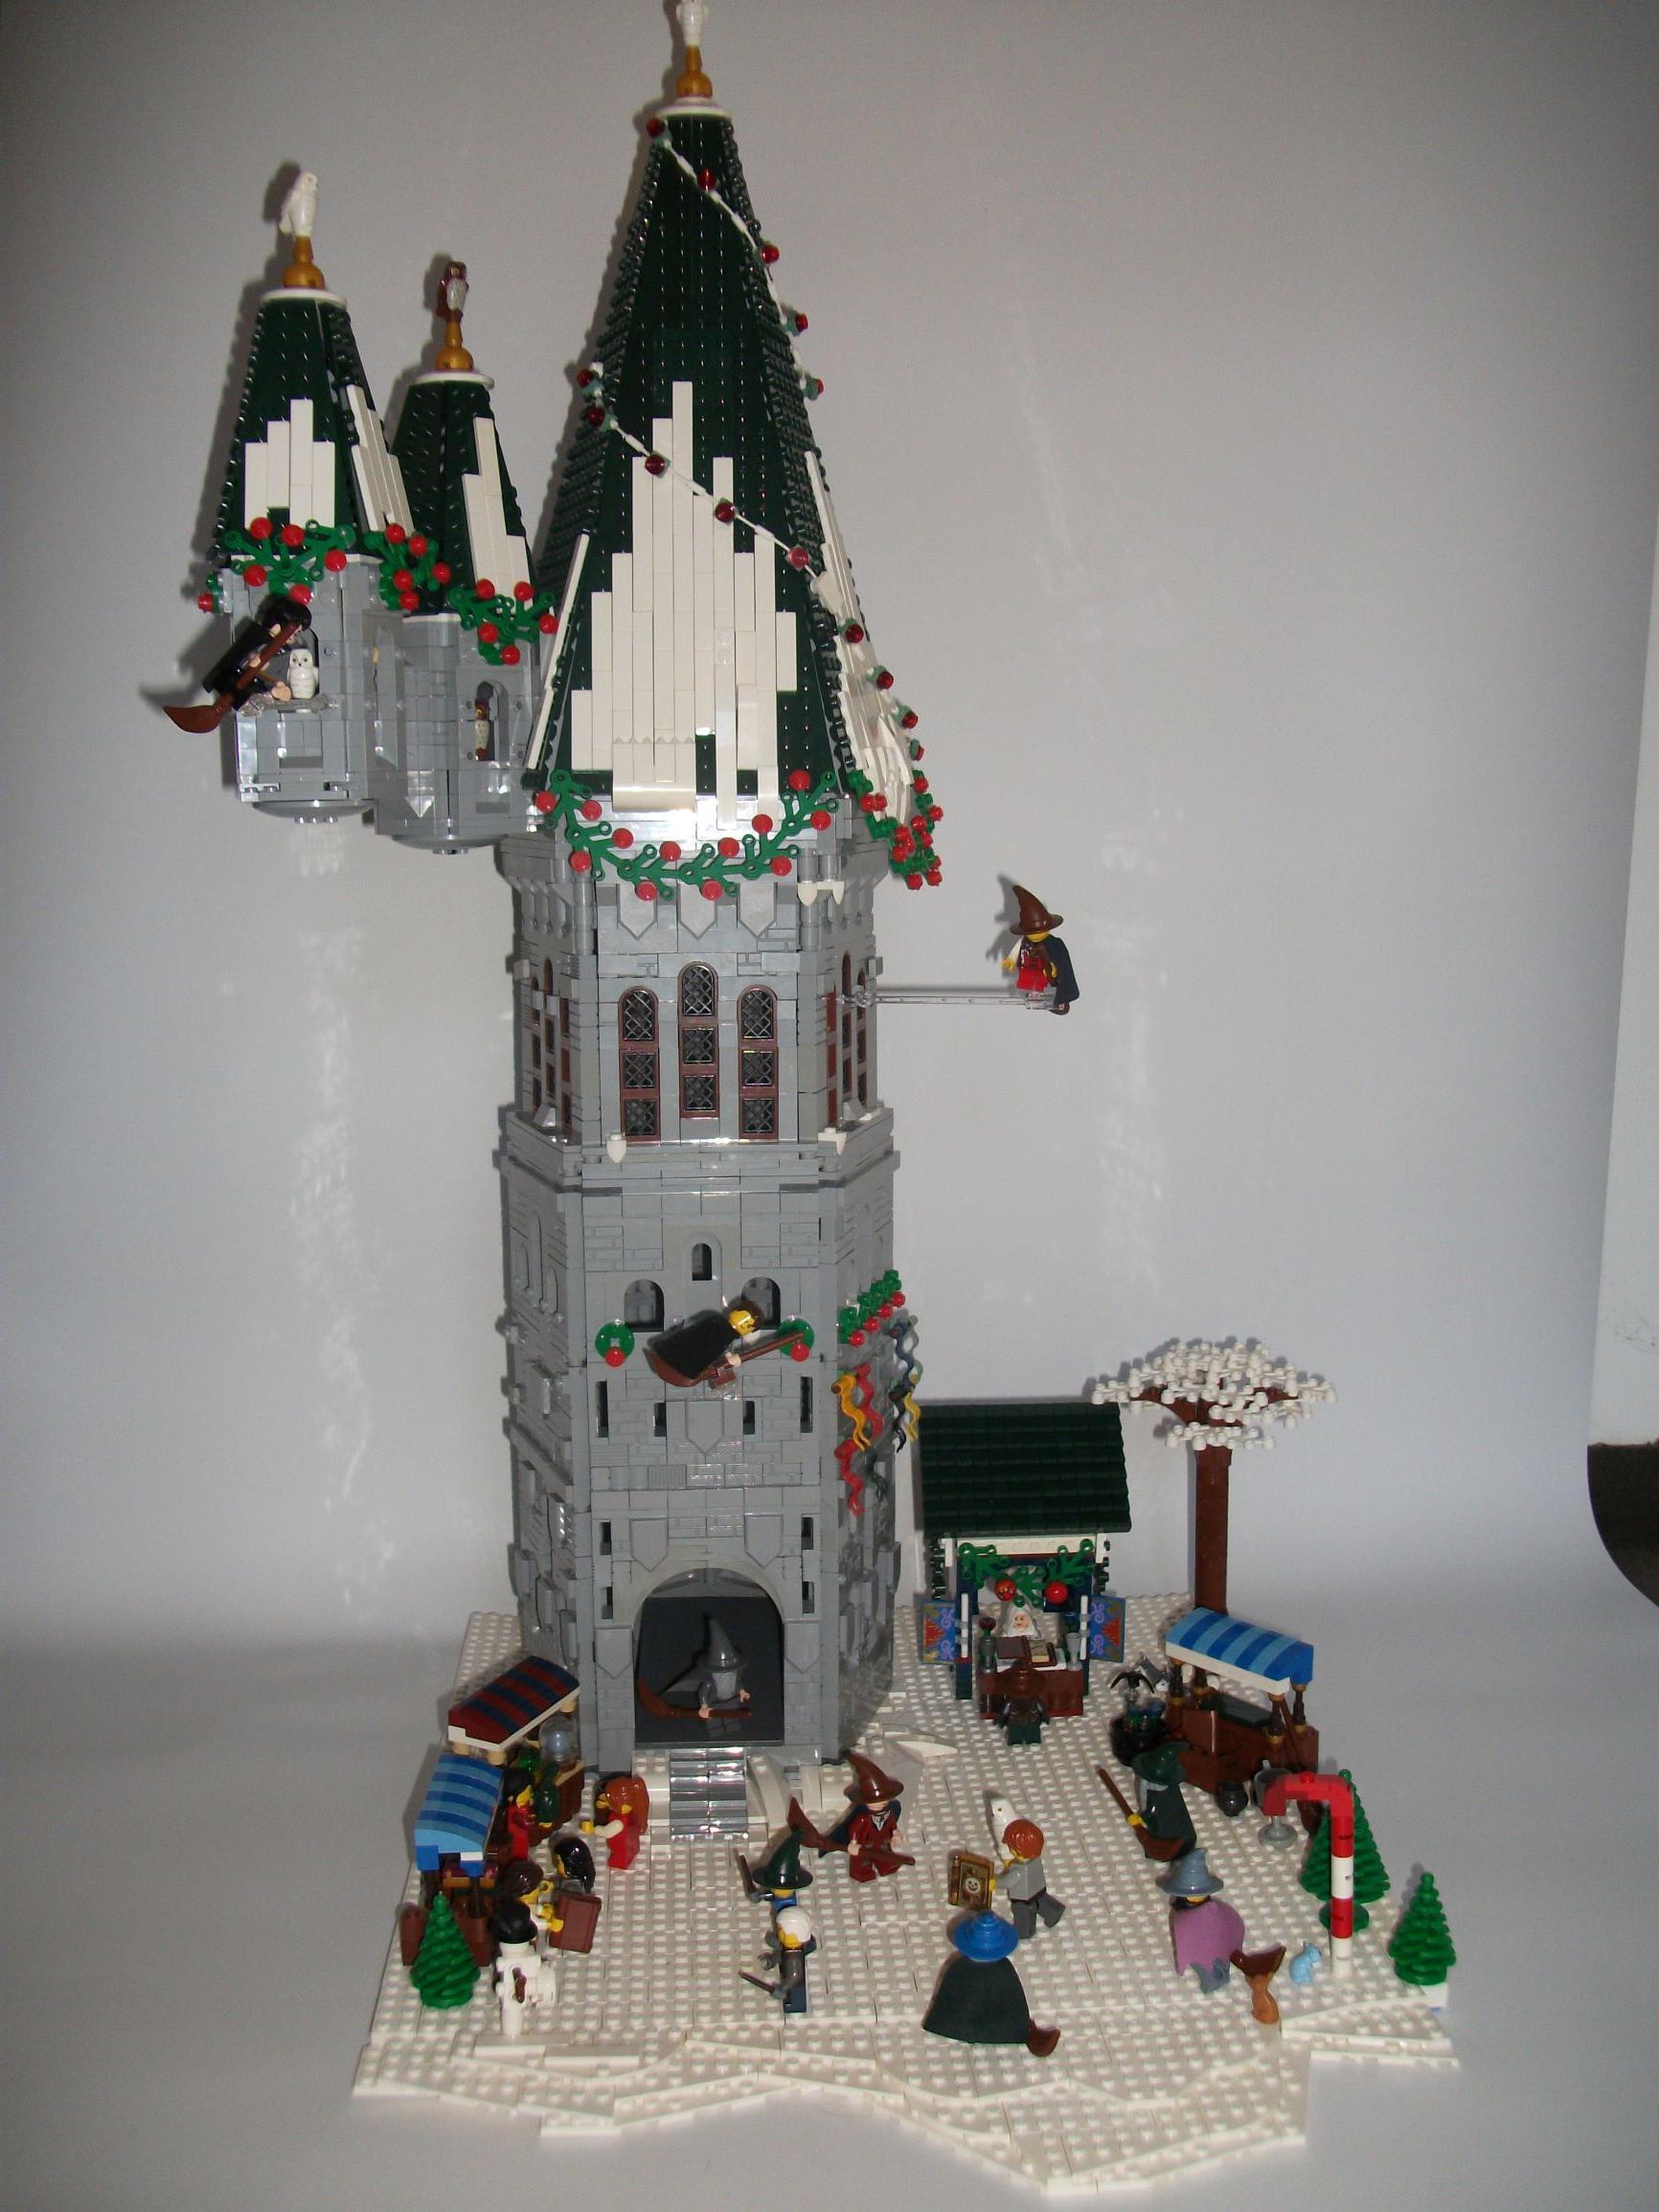 Concurs Winter Brickland – Creatia 11: Wizarding World Christmas Festival